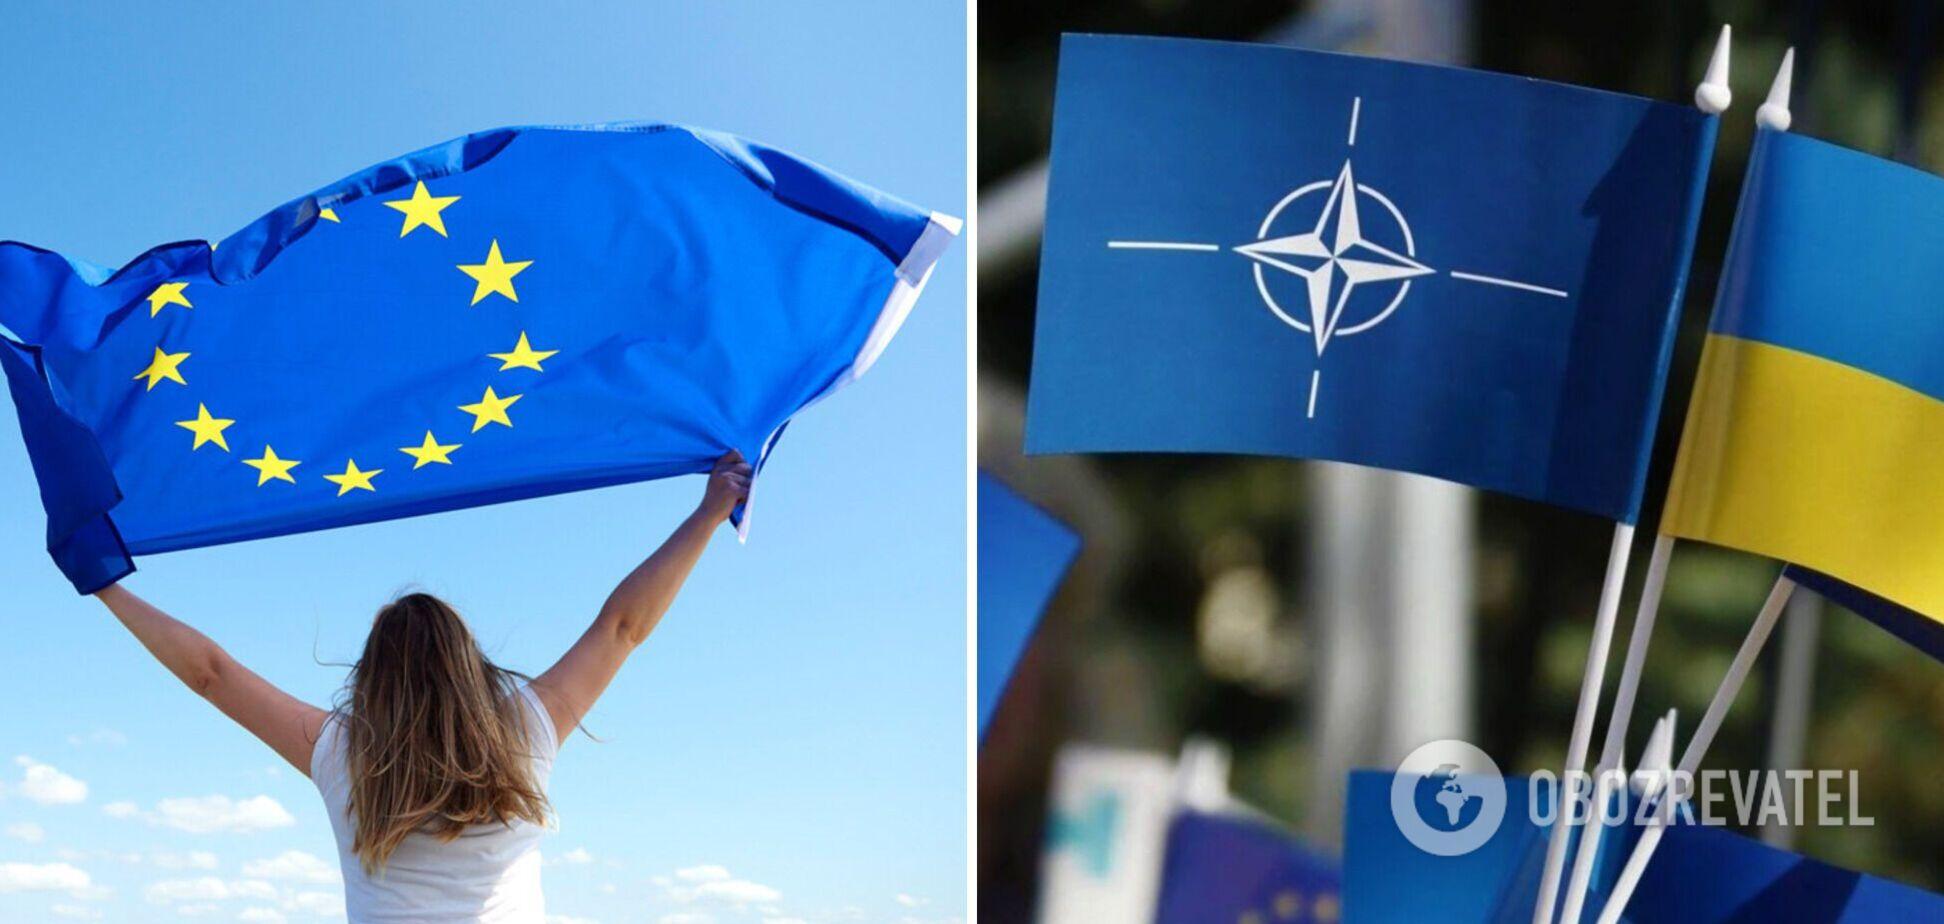 Соціологи розповіли, скільки українців підтримують вступ України в ЄС і НАТО